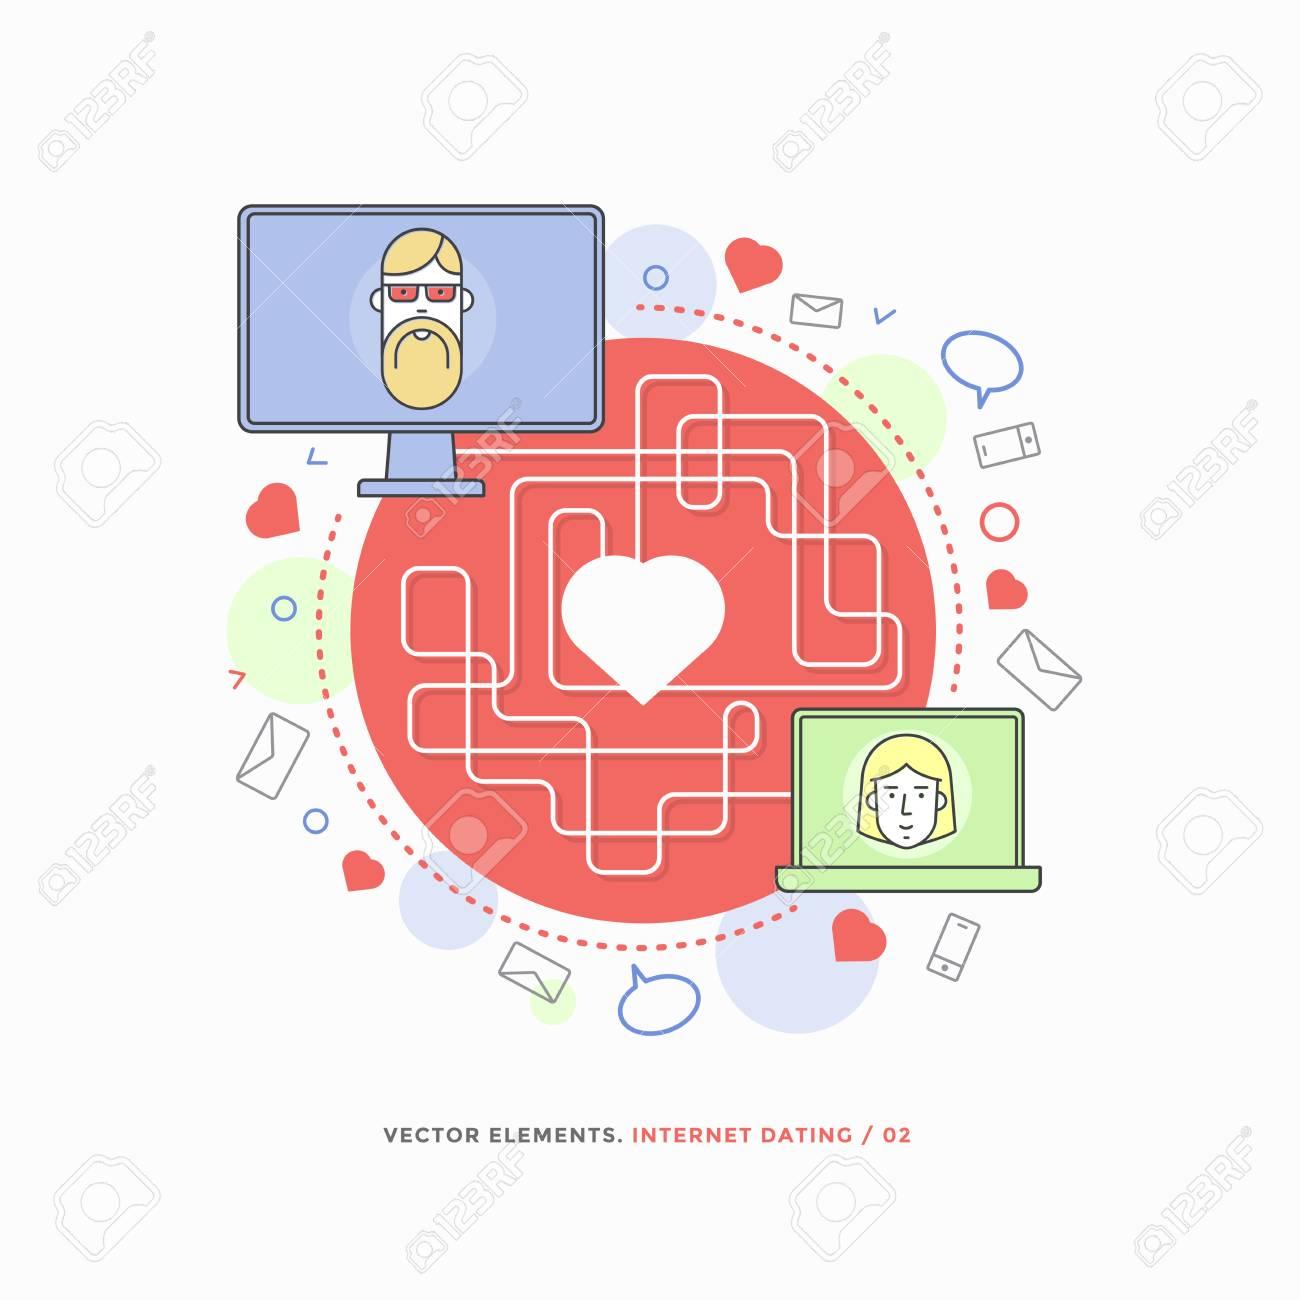 Hvordan fungerer internet dating sites